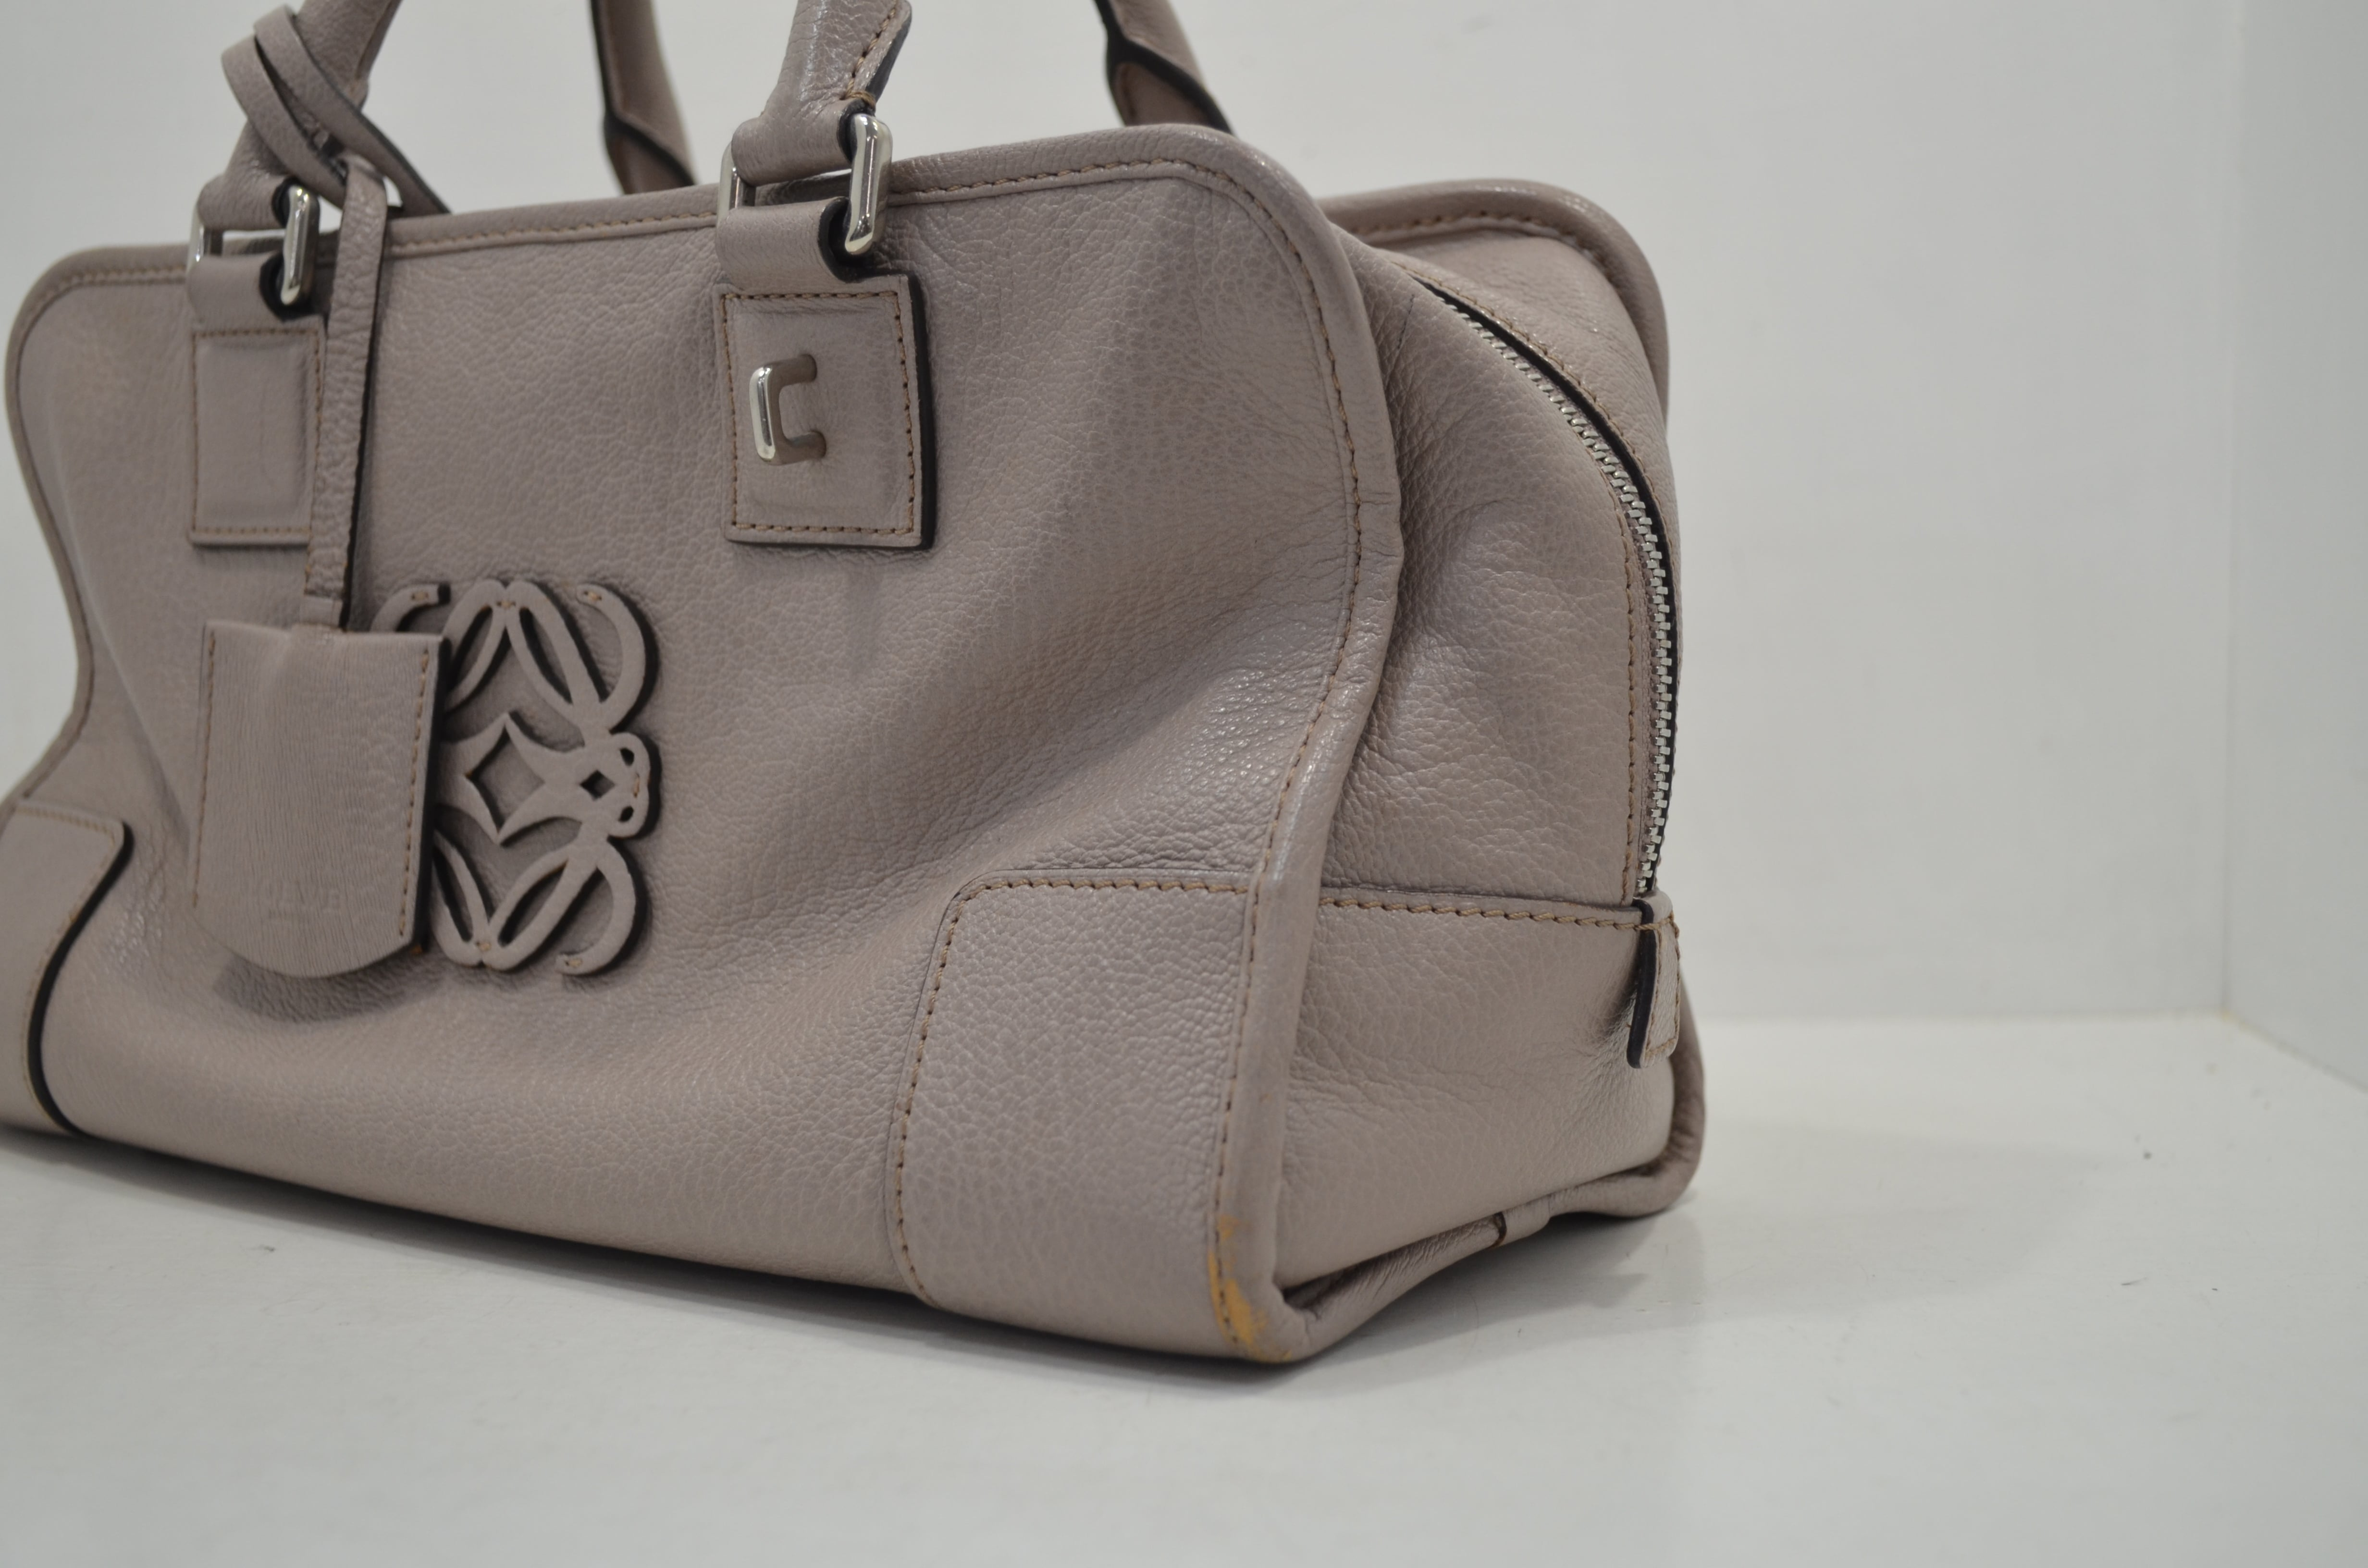 ロエベloeweの鞄(バッグ)のクリーニング・補色の作業前